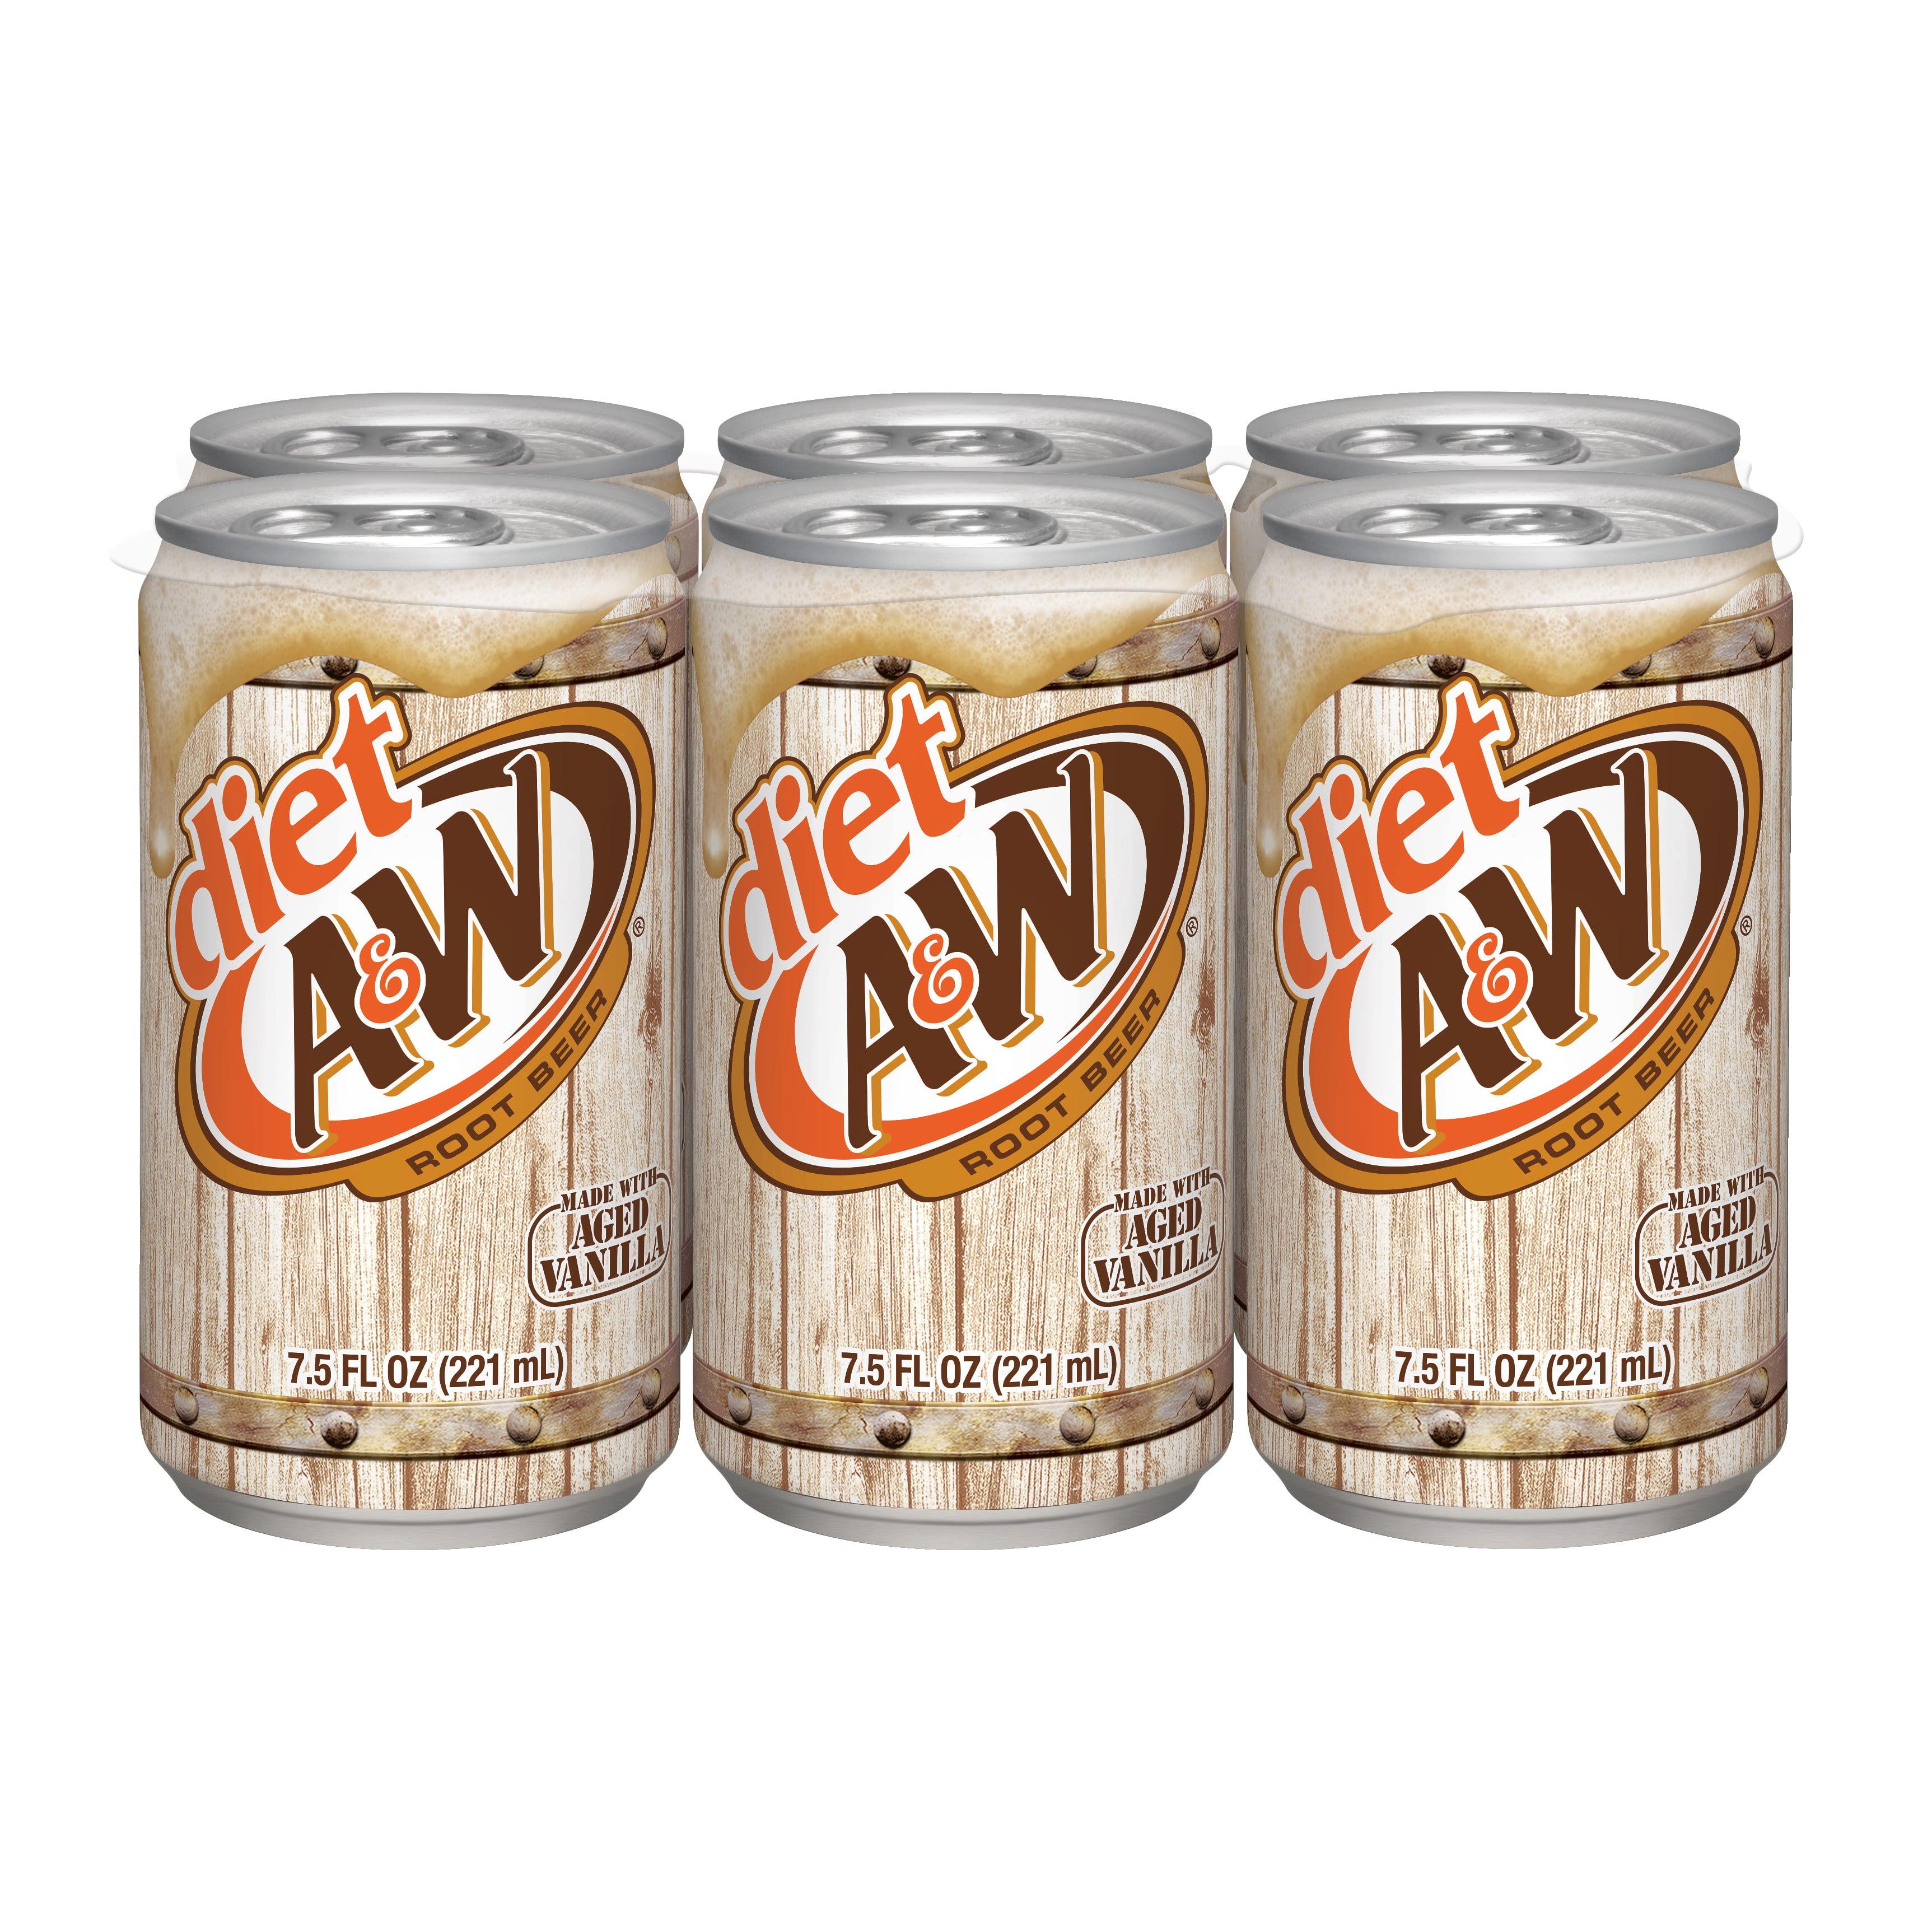 Diet A&W Root Beer, 7.5 fl oz, 6 pack